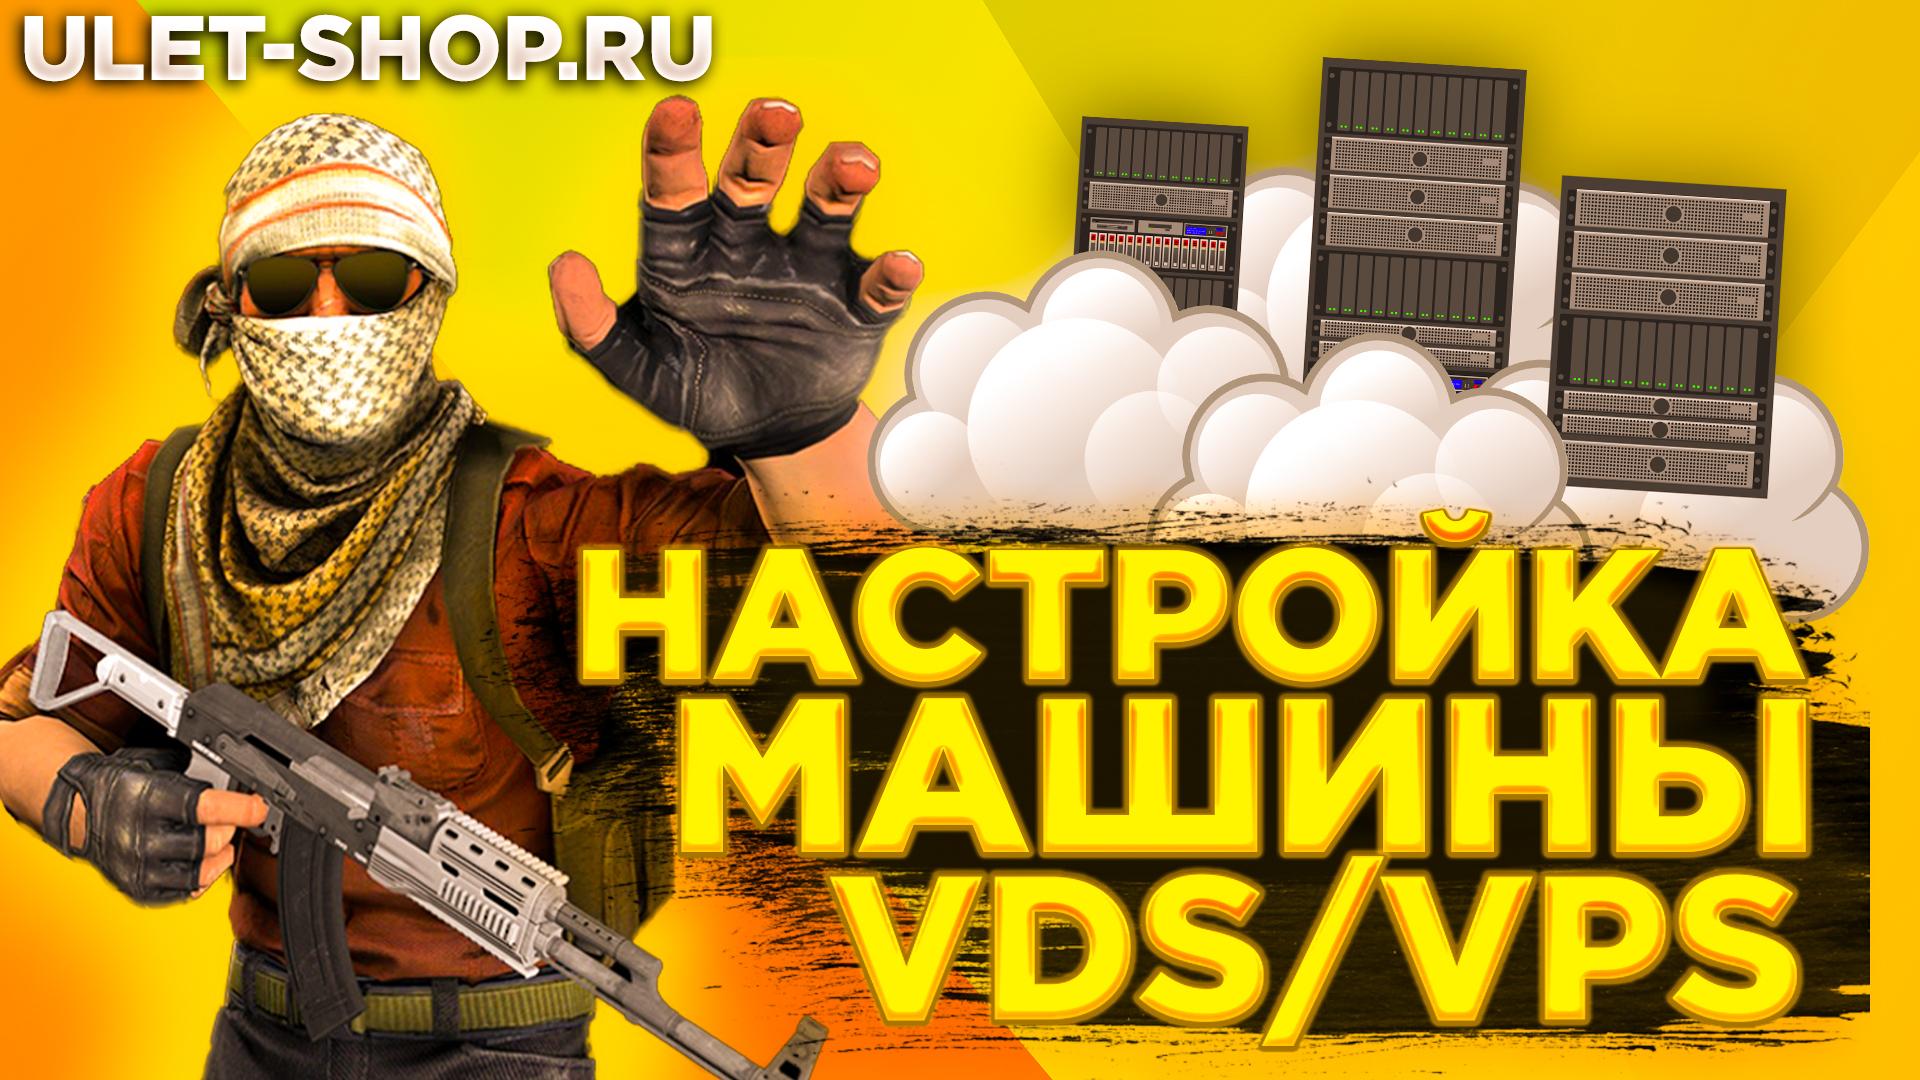 Настройка Машины VDS/VPS Под Игровой Сервер